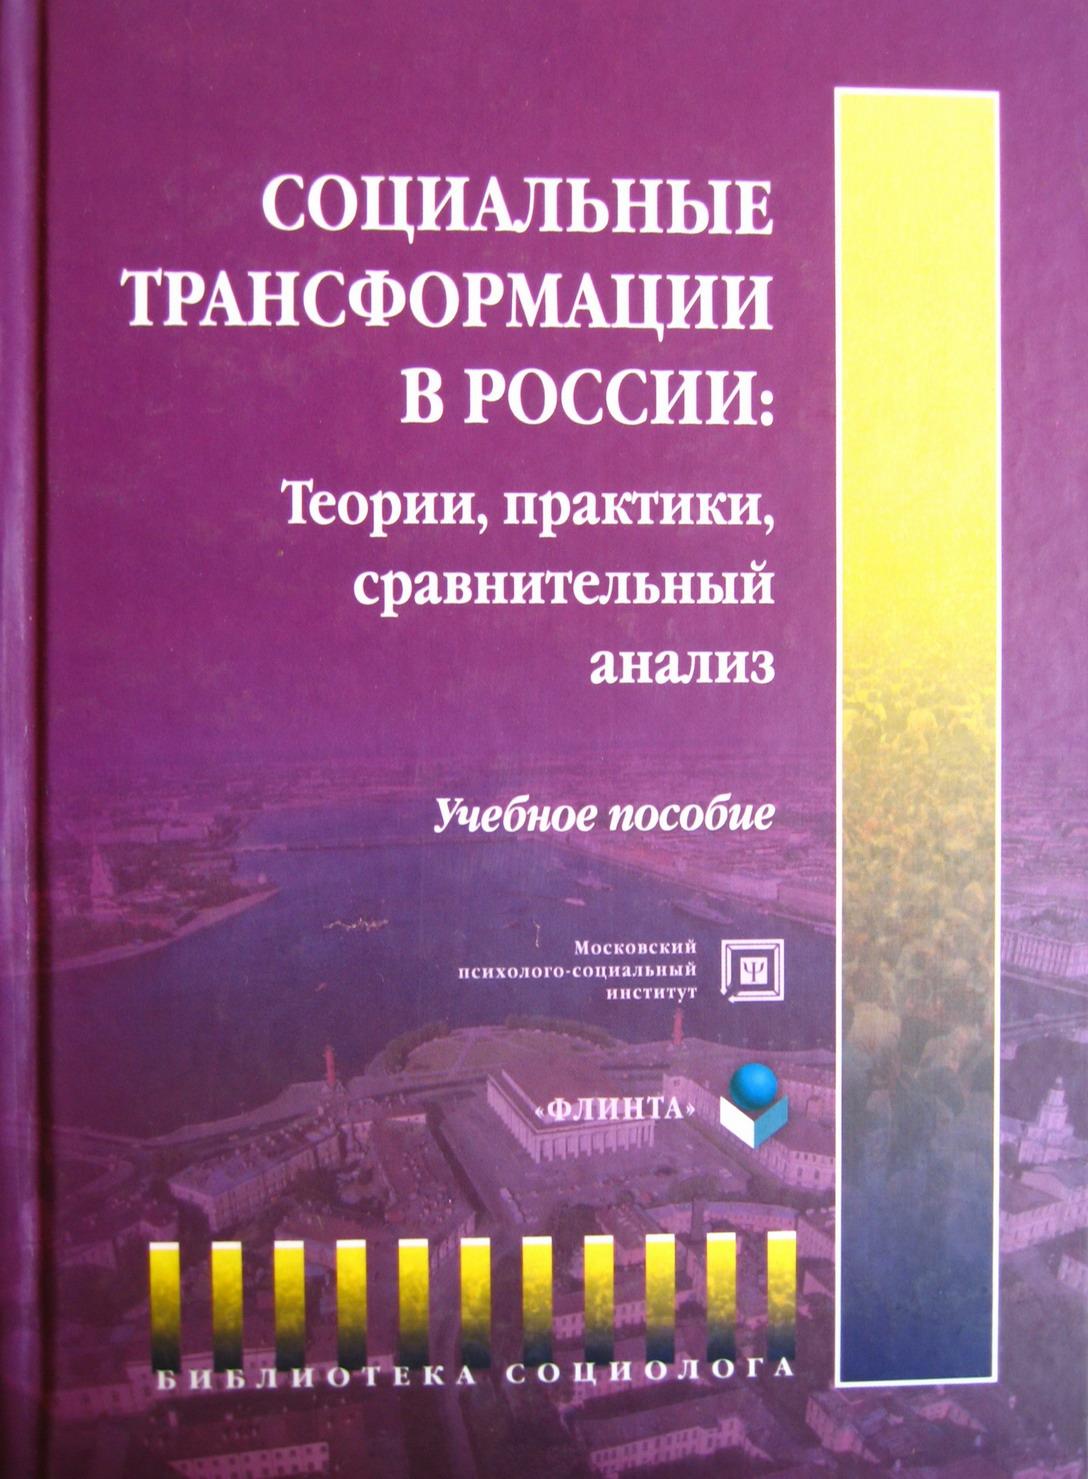 Социальные трансформации в России: теории, практики, сравнительный анализ